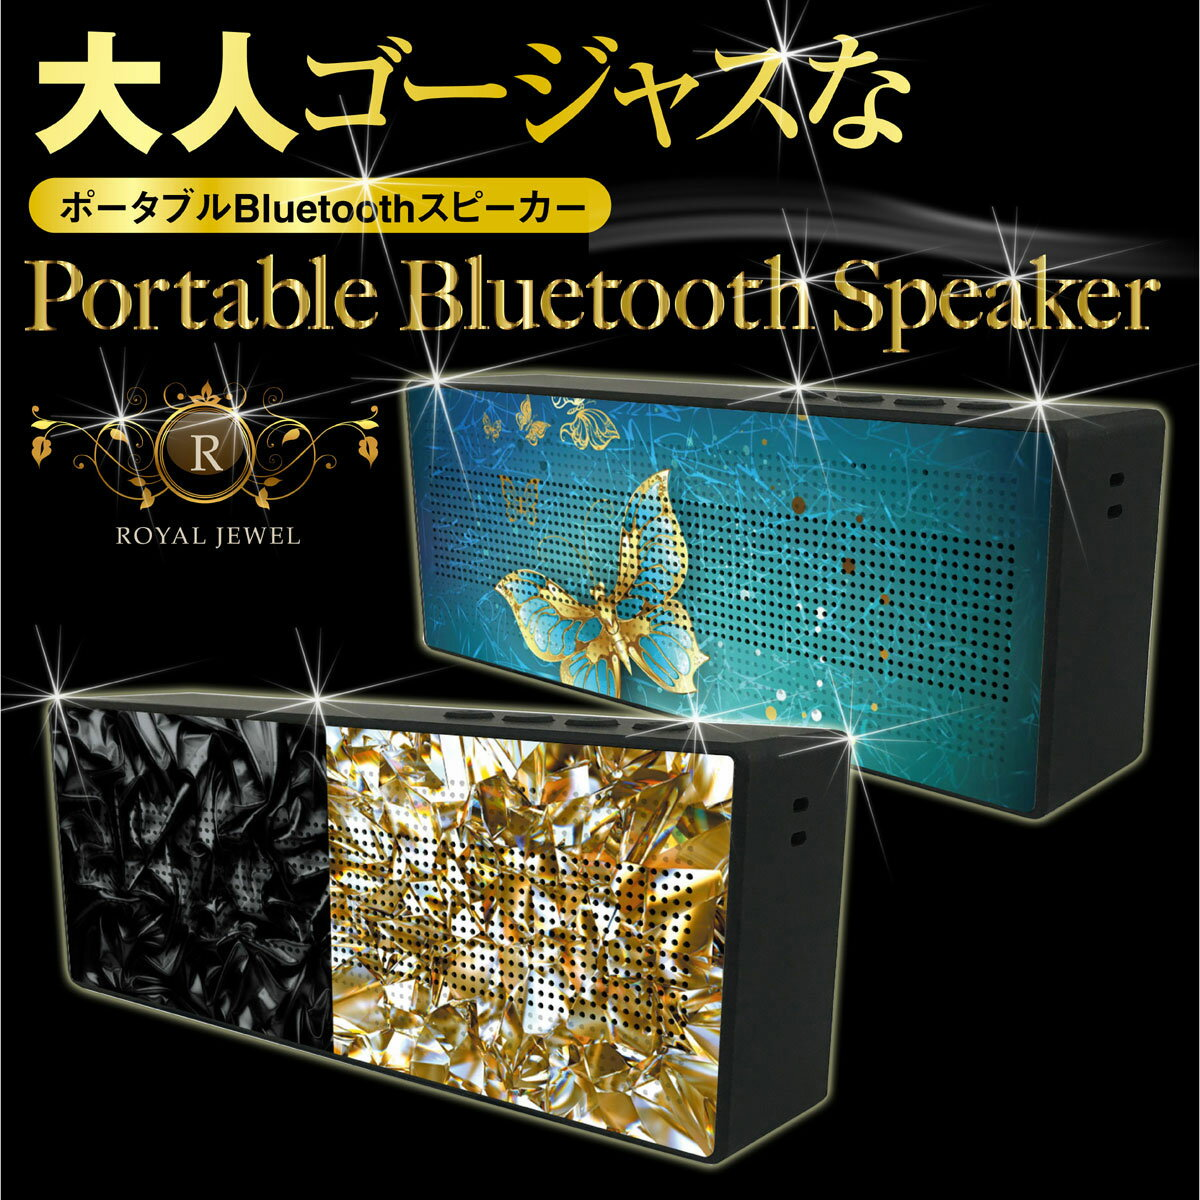 スピーカー Bluetooth 高音質 ブルートゥース スピーカー大音量 ワイヤレス スピーカー ポータブル iPhone Android 大人ゴージャス sp01-013